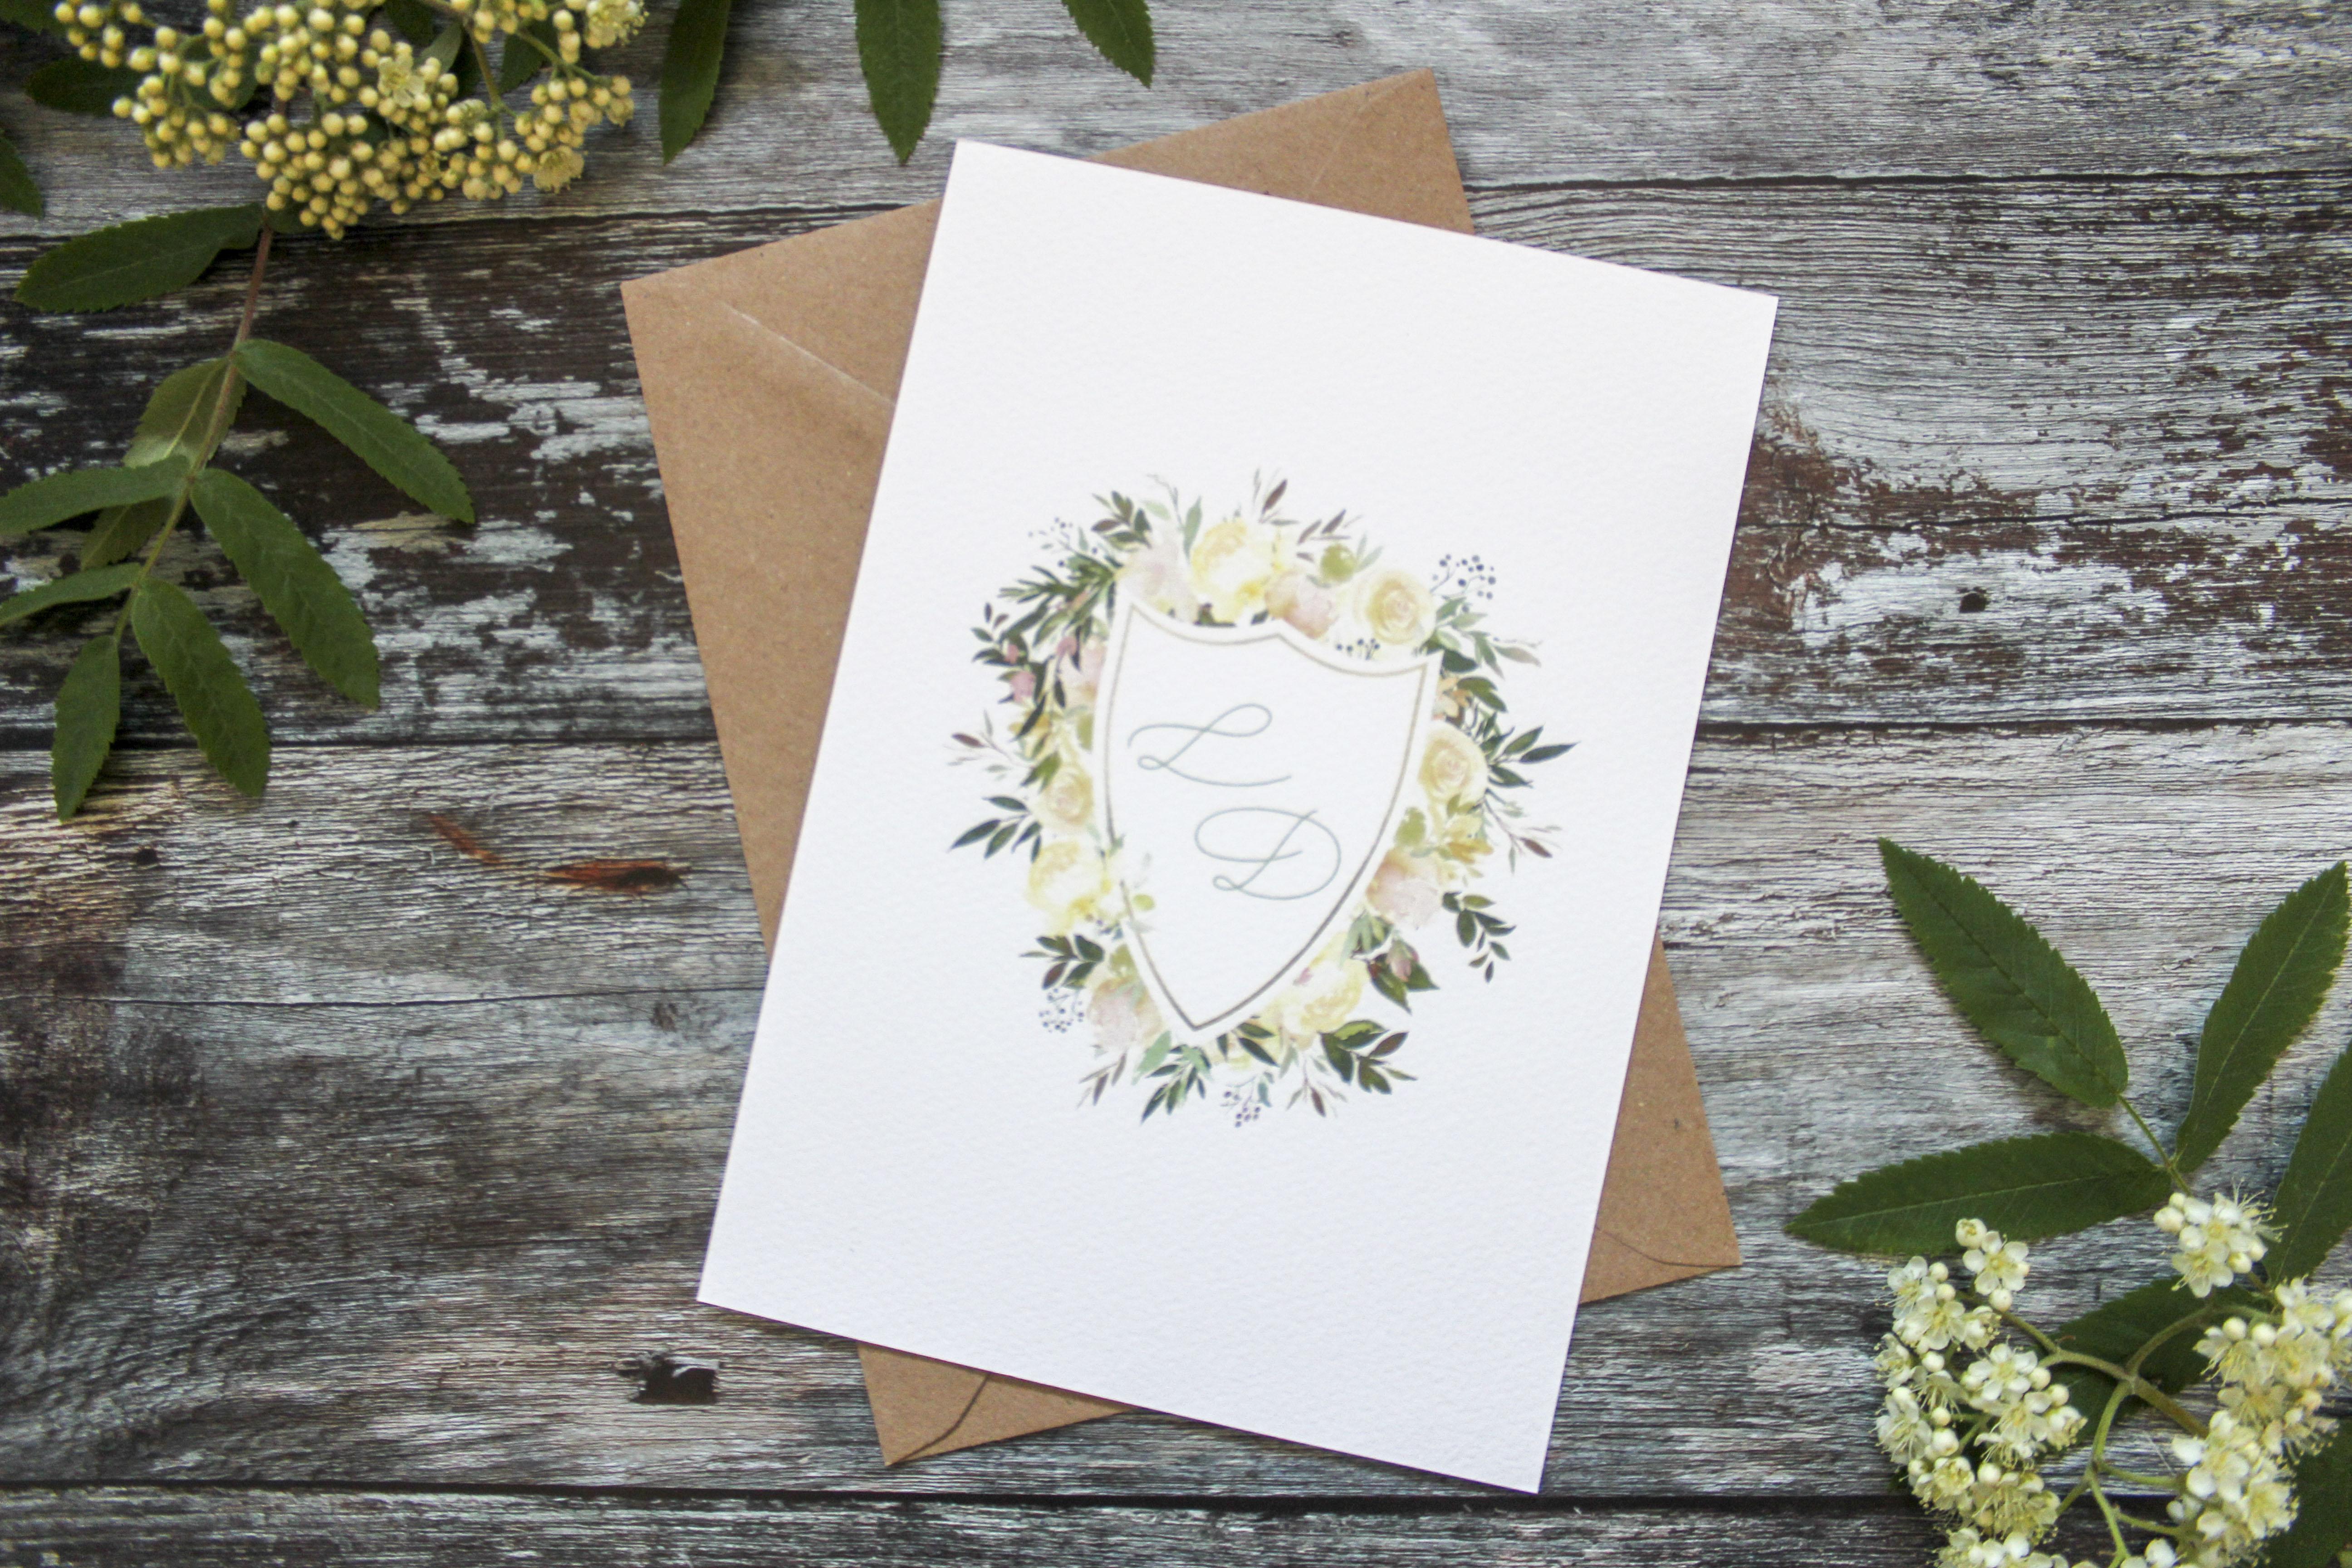 watercolour wedding crest invite